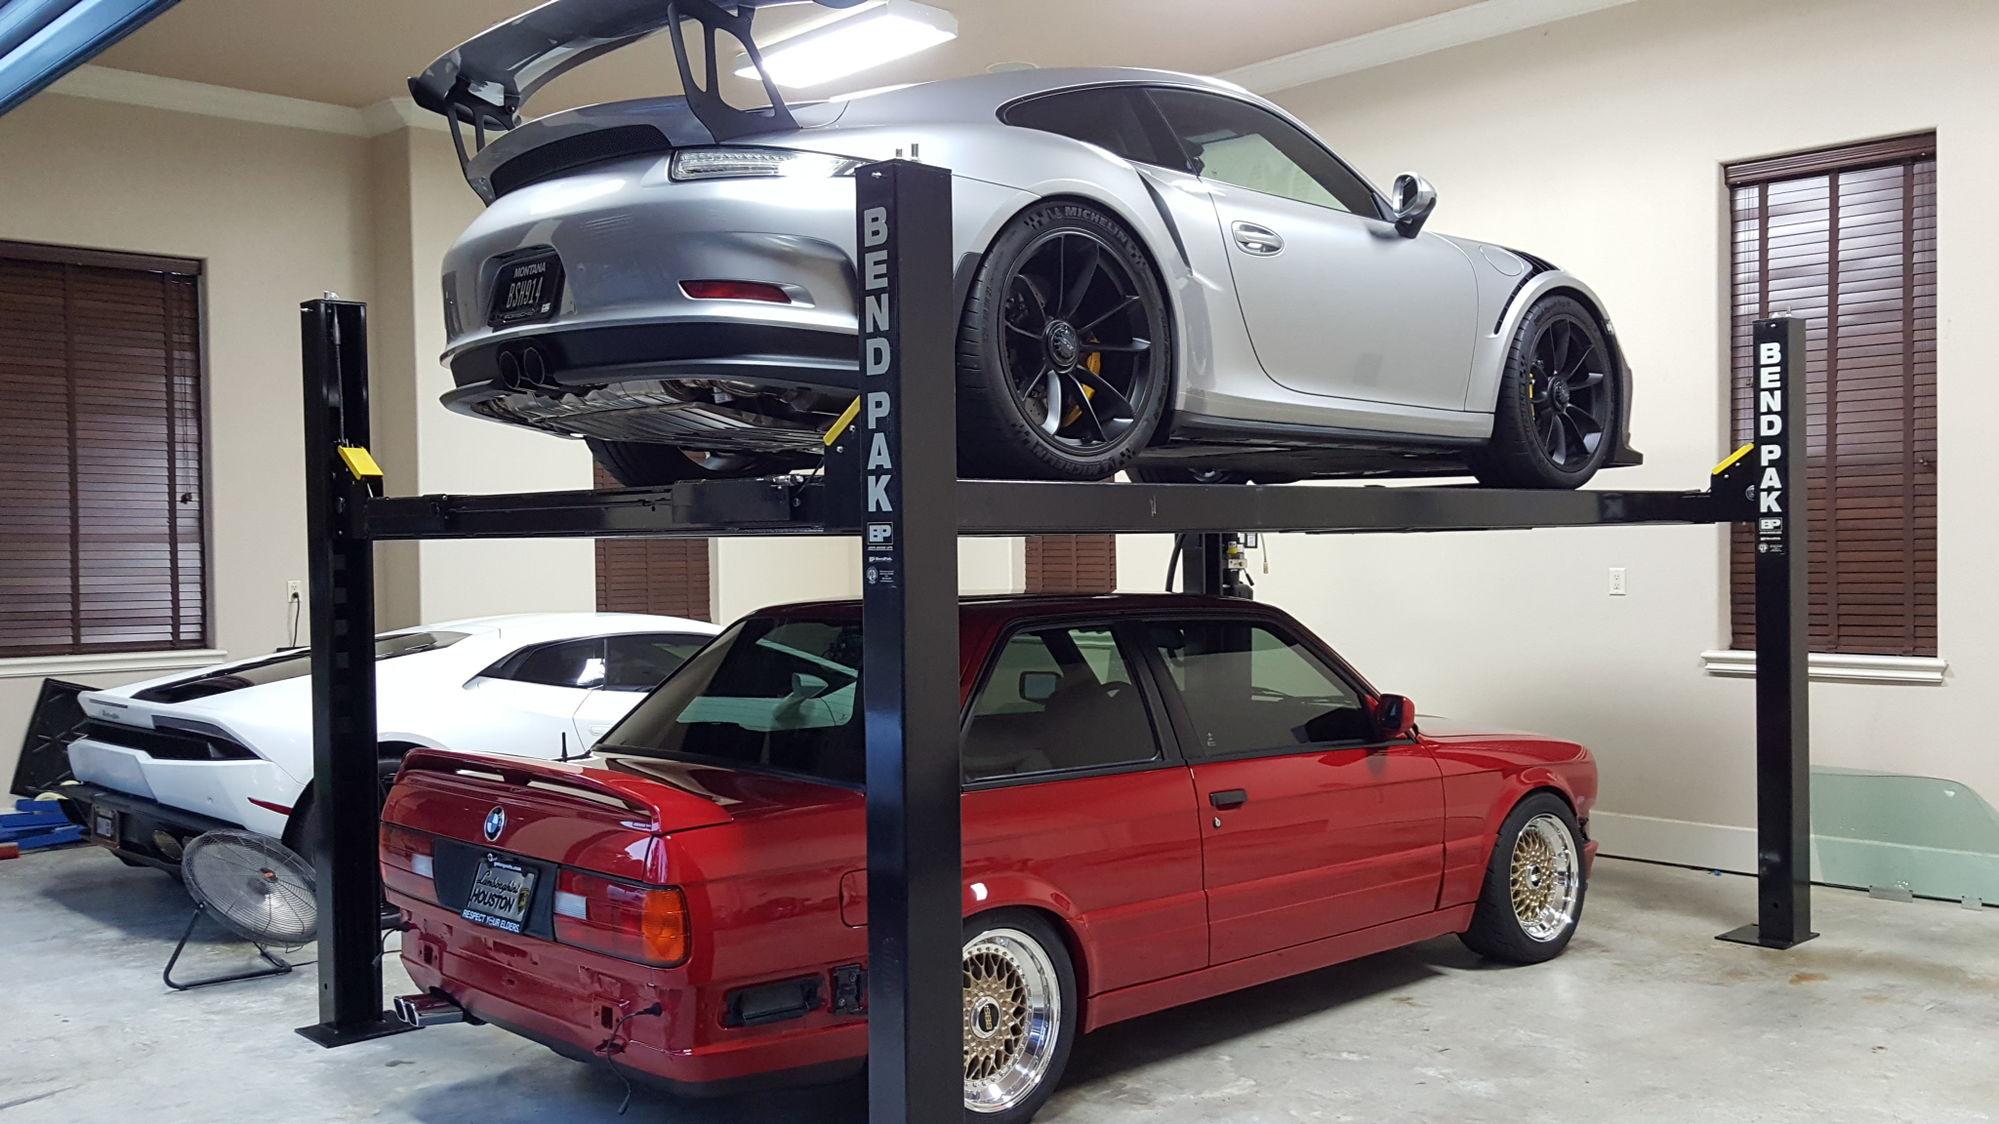 car lift for home garage small portable scissor car lift for home